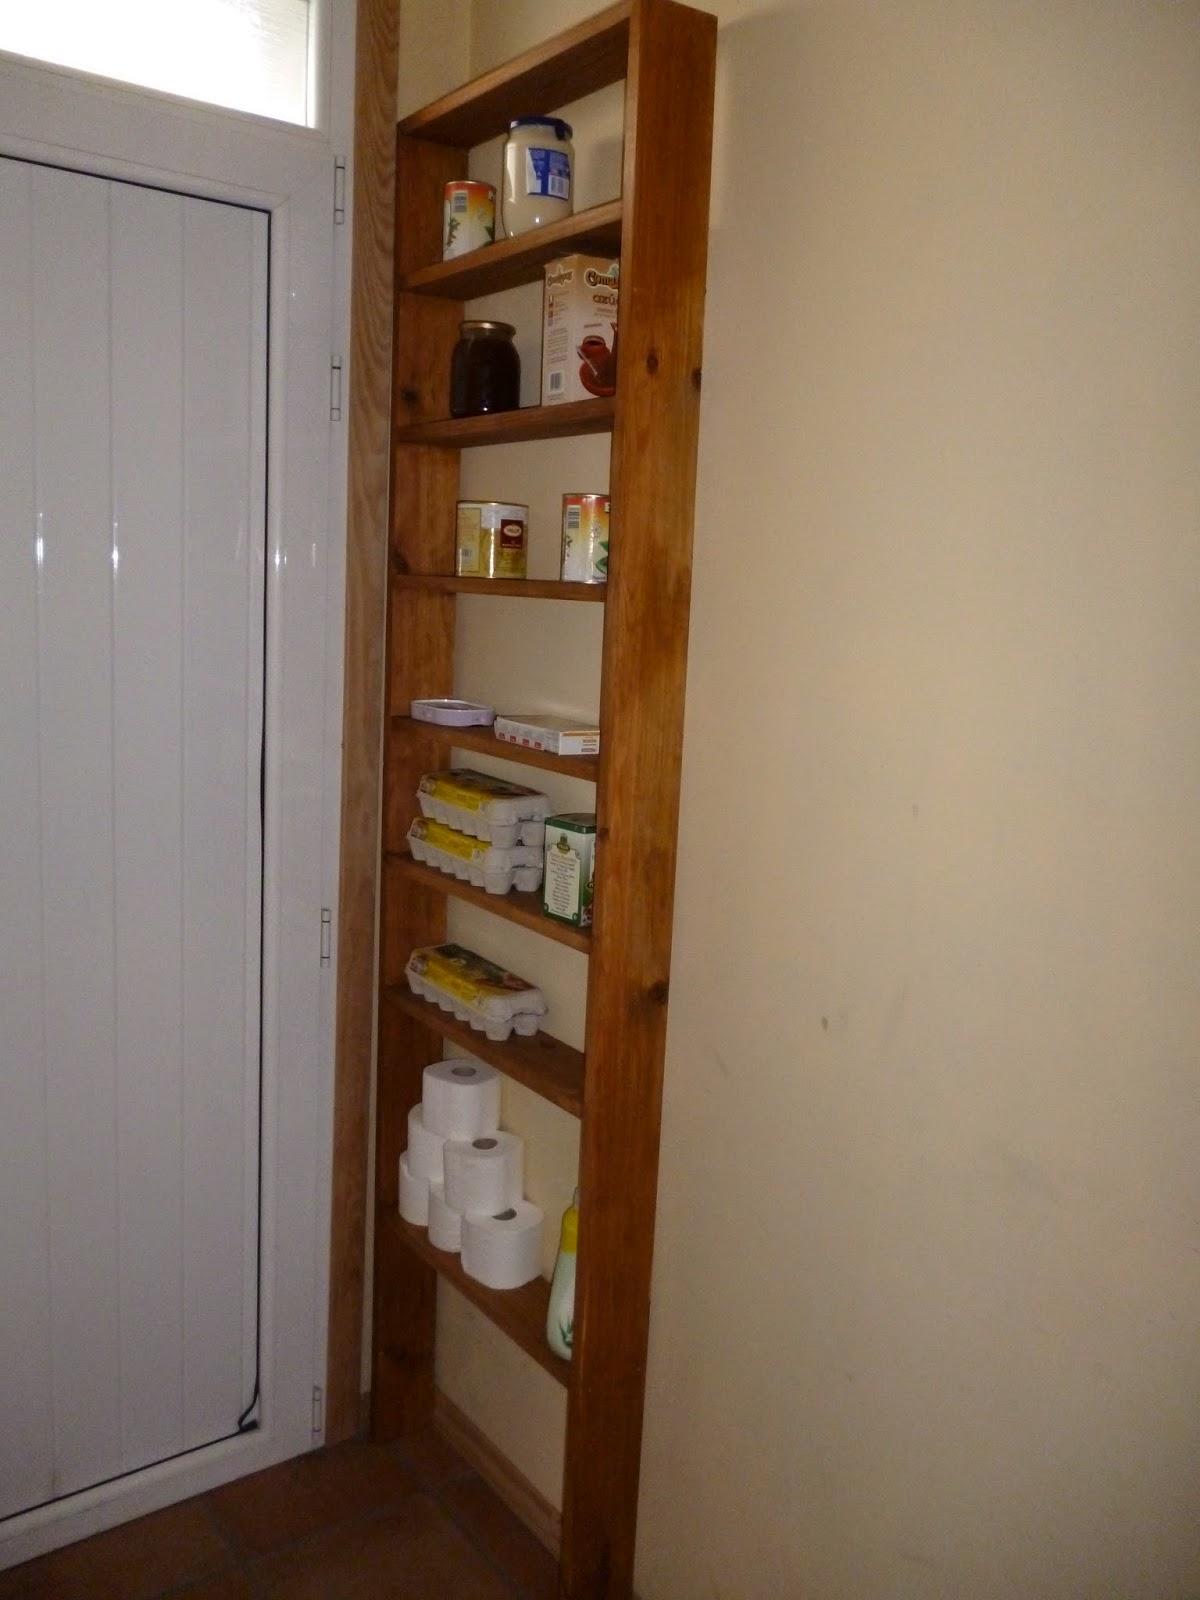 Estanter a para despensa pantry shelf el garaje de la - Estanterias para despensas ...